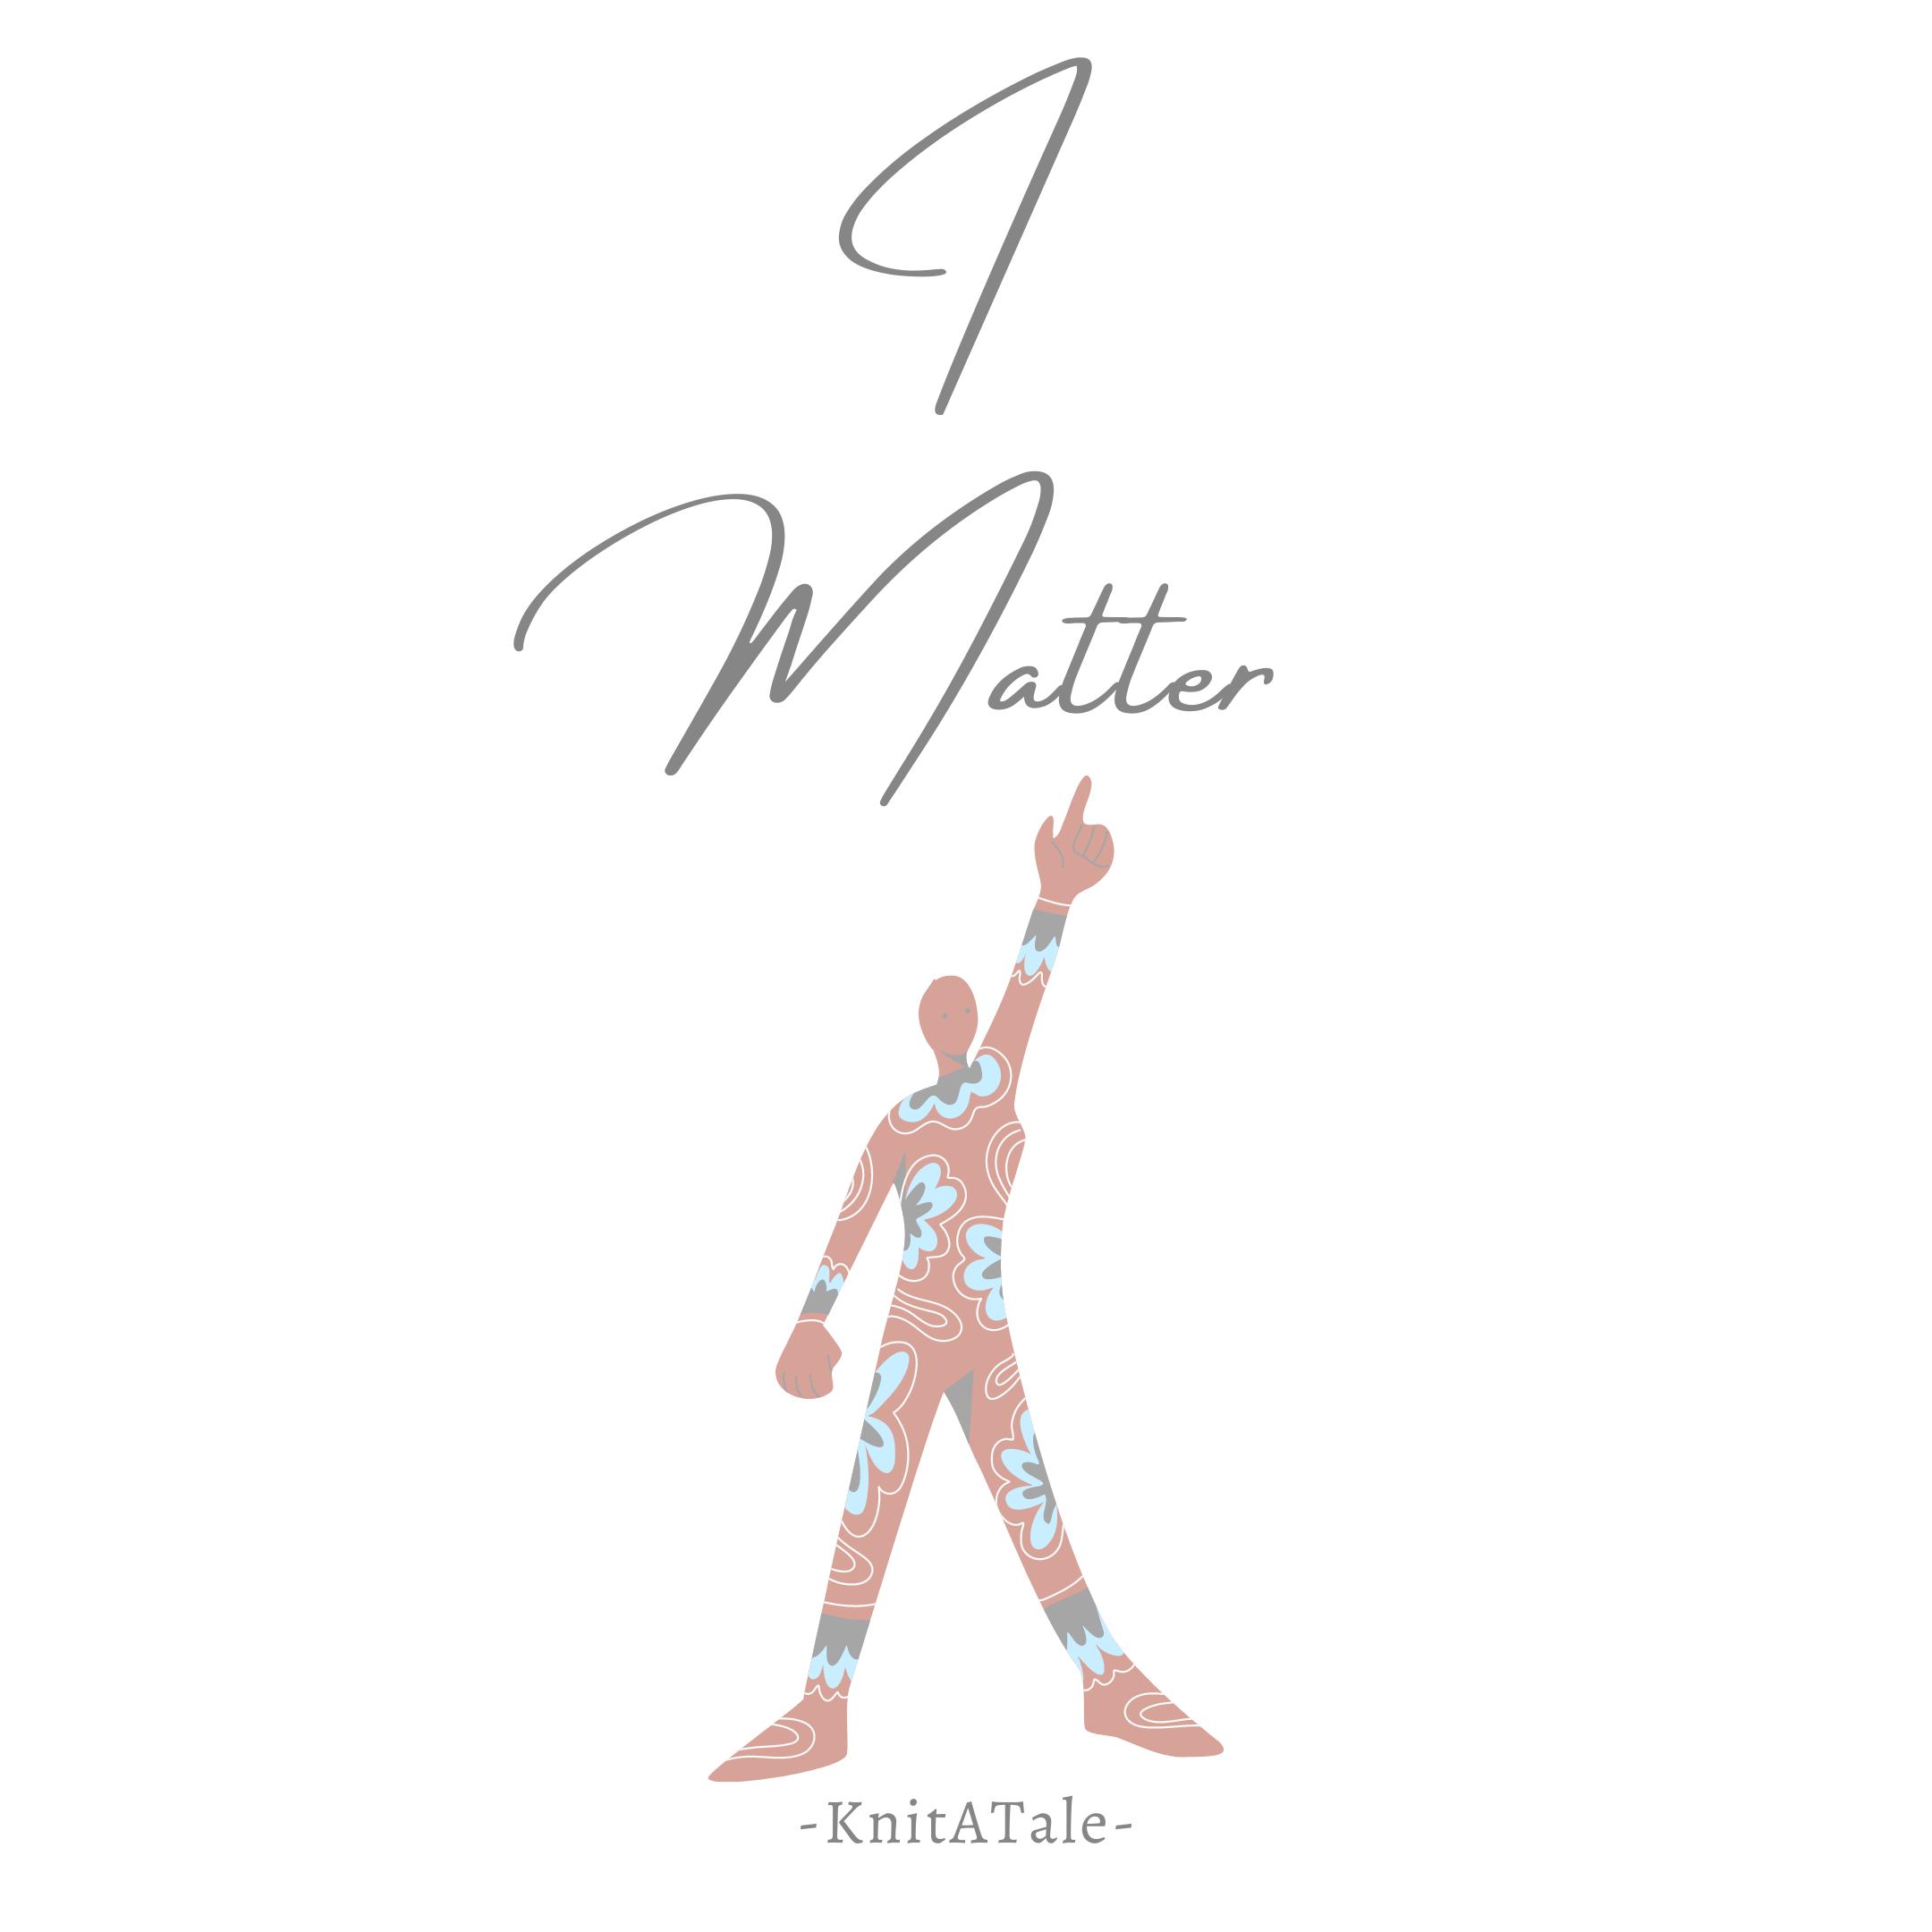 I Matter!